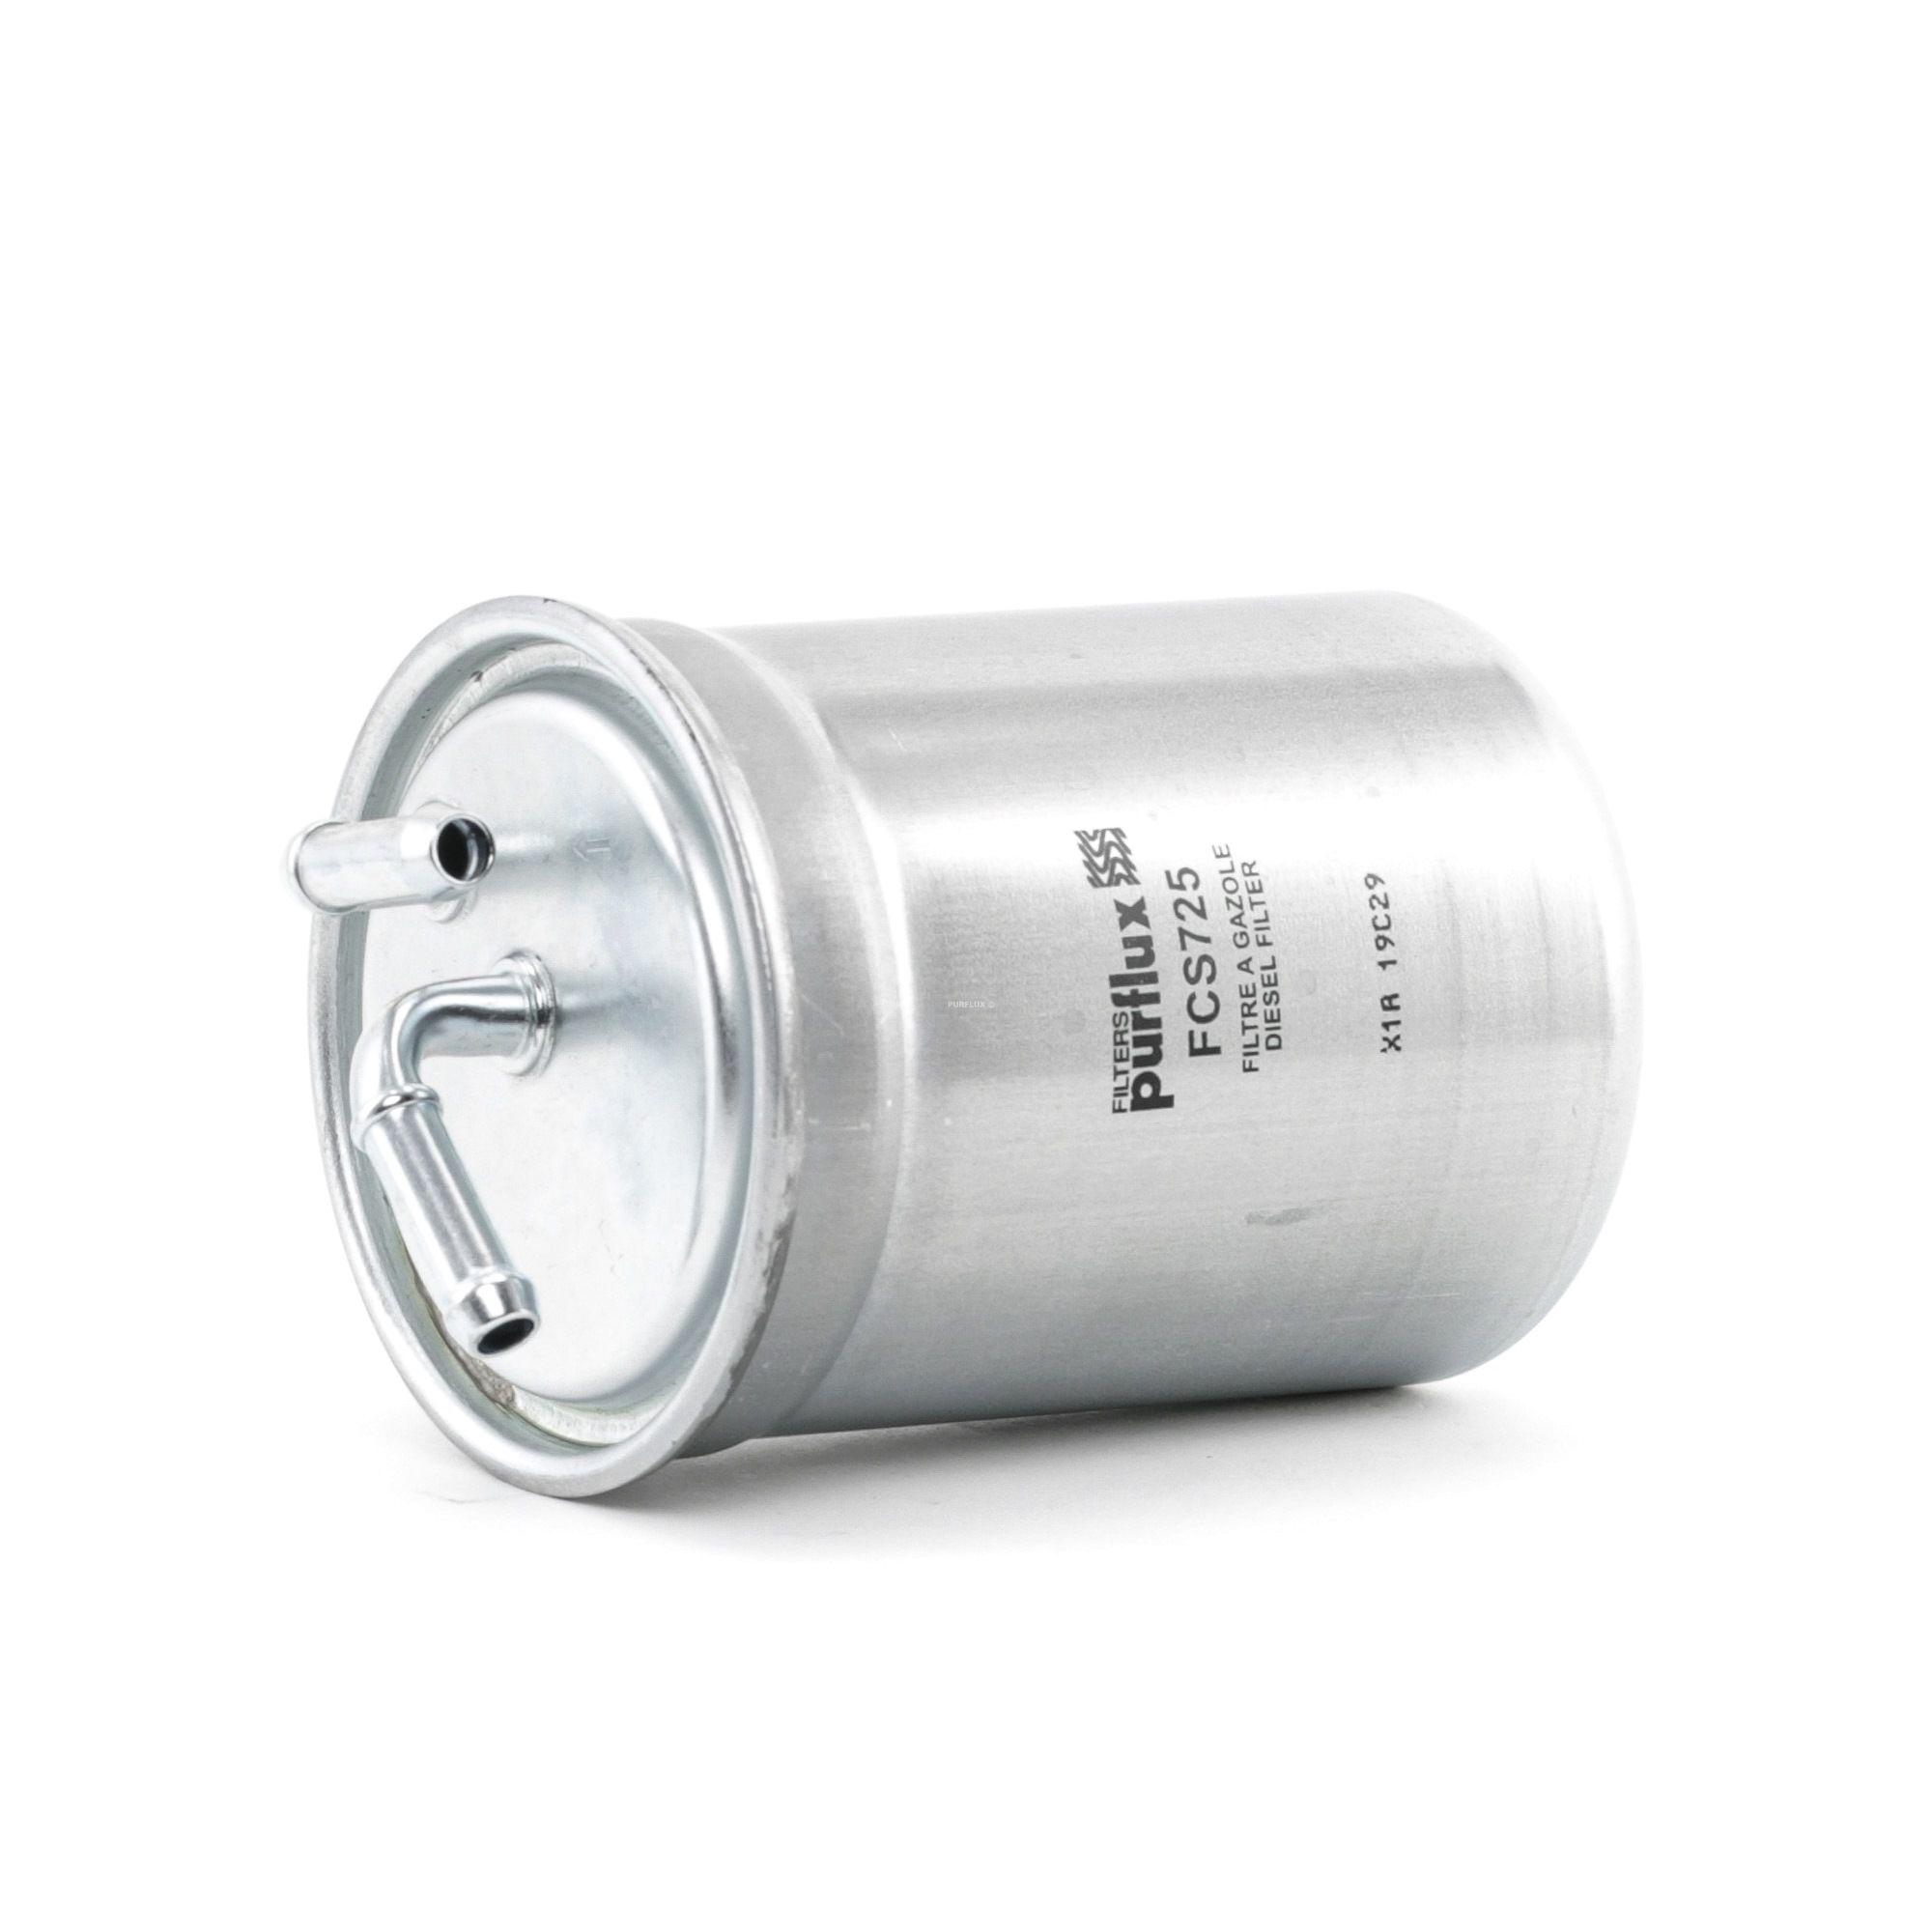 Fuel filter PURFLUX FCS725 rating